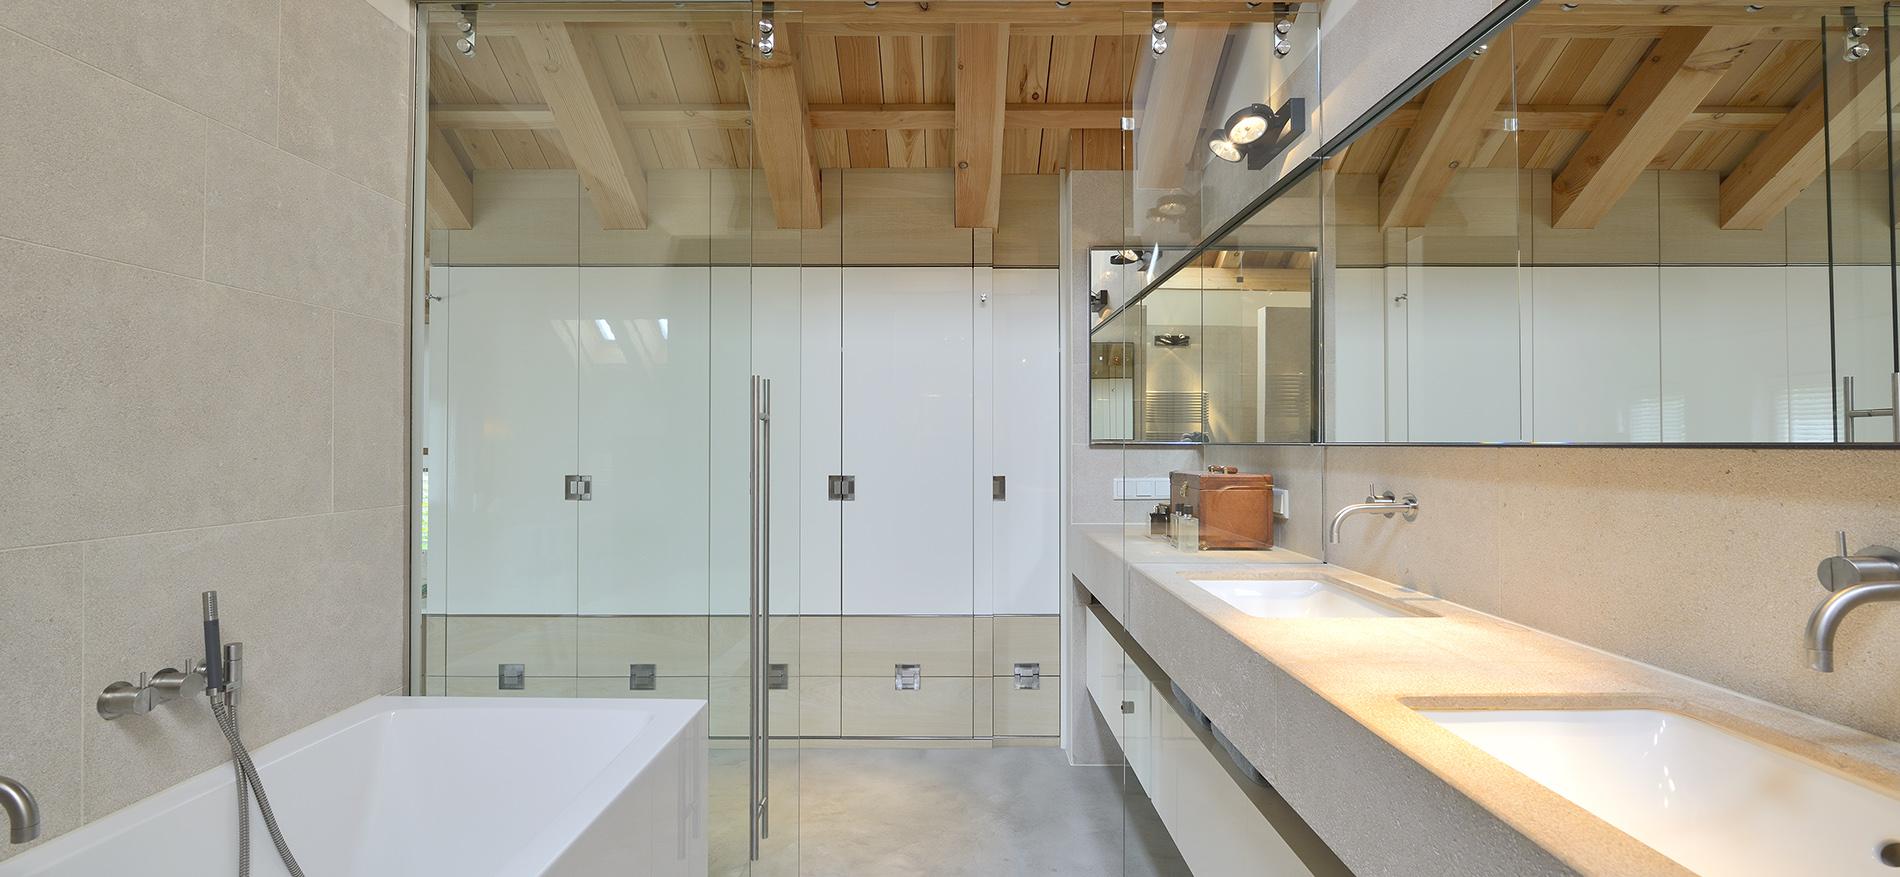 Tevreden opdrachtgever luxe villa leusden luxe maatwerkinrichting landhuis for Eigentijds interieur